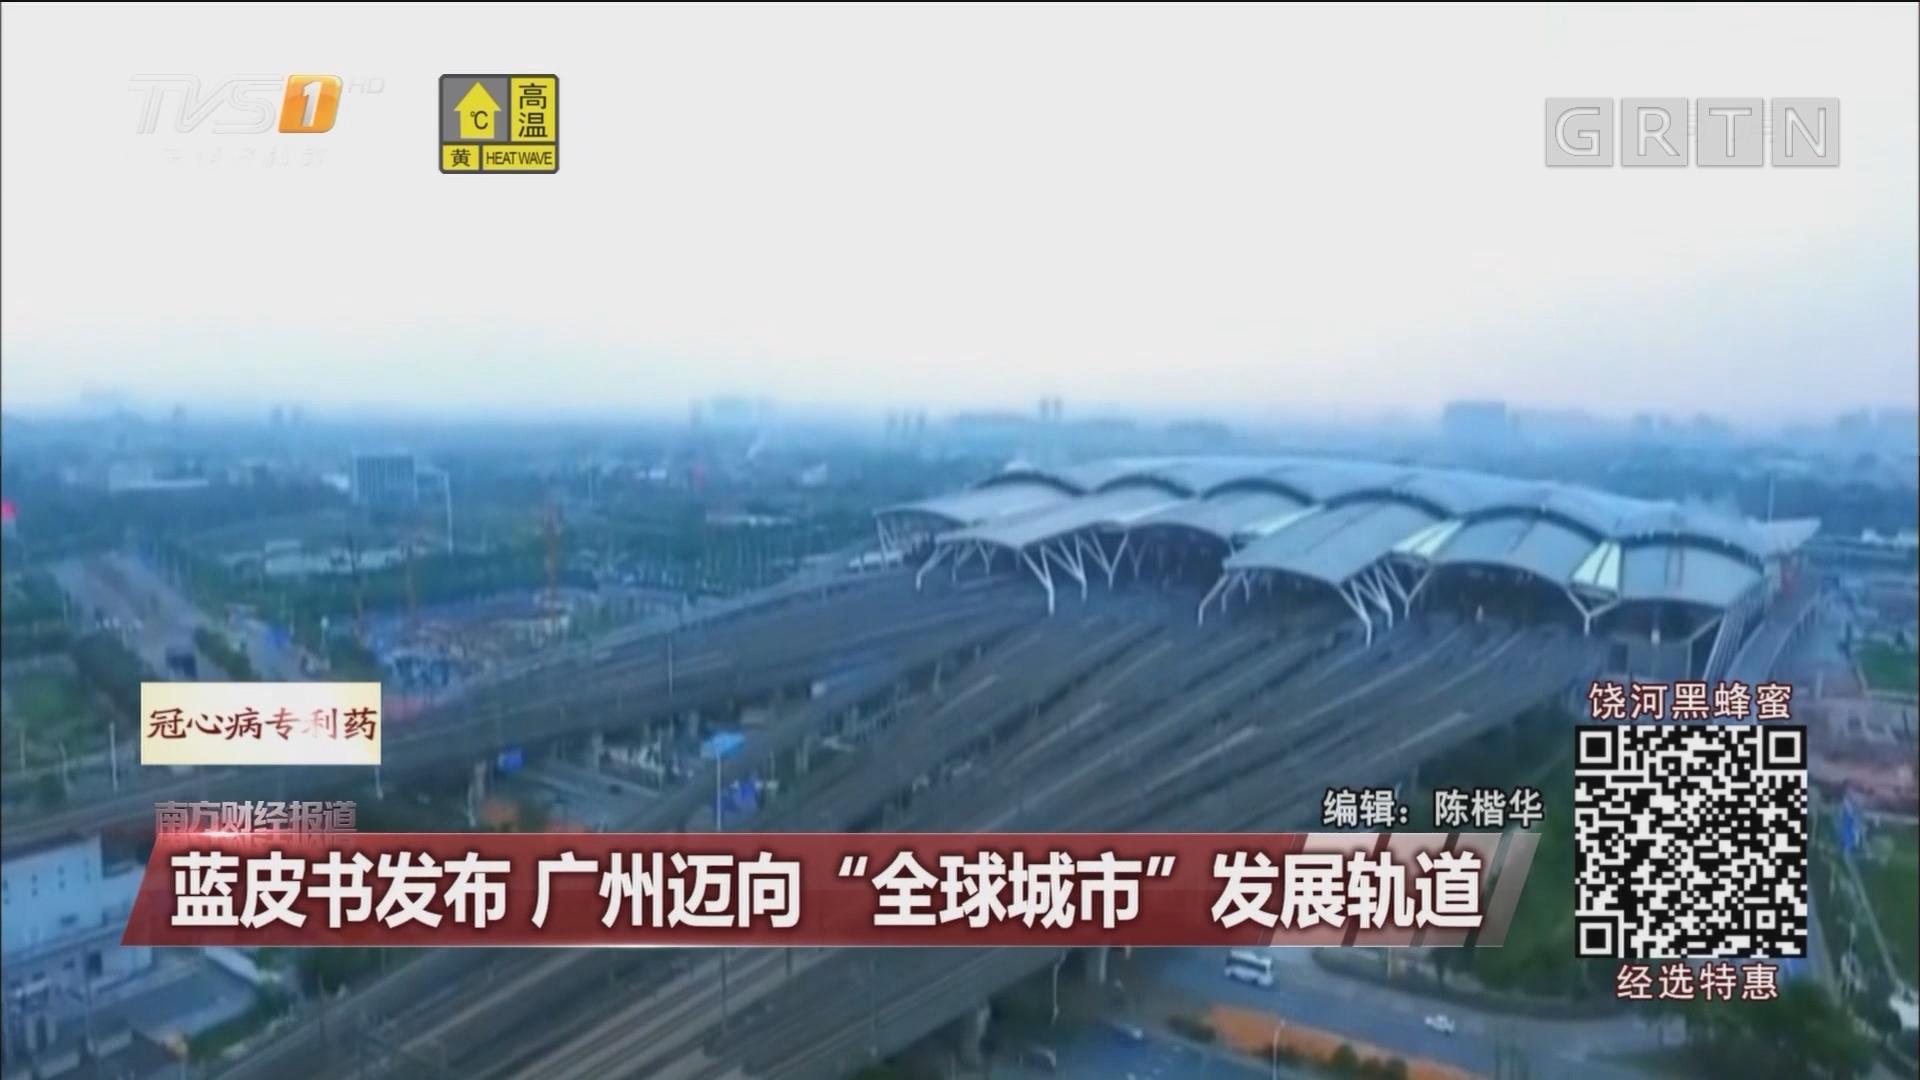 """蓝皮书发布 广州迈向""""全球城市""""发展轨道"""